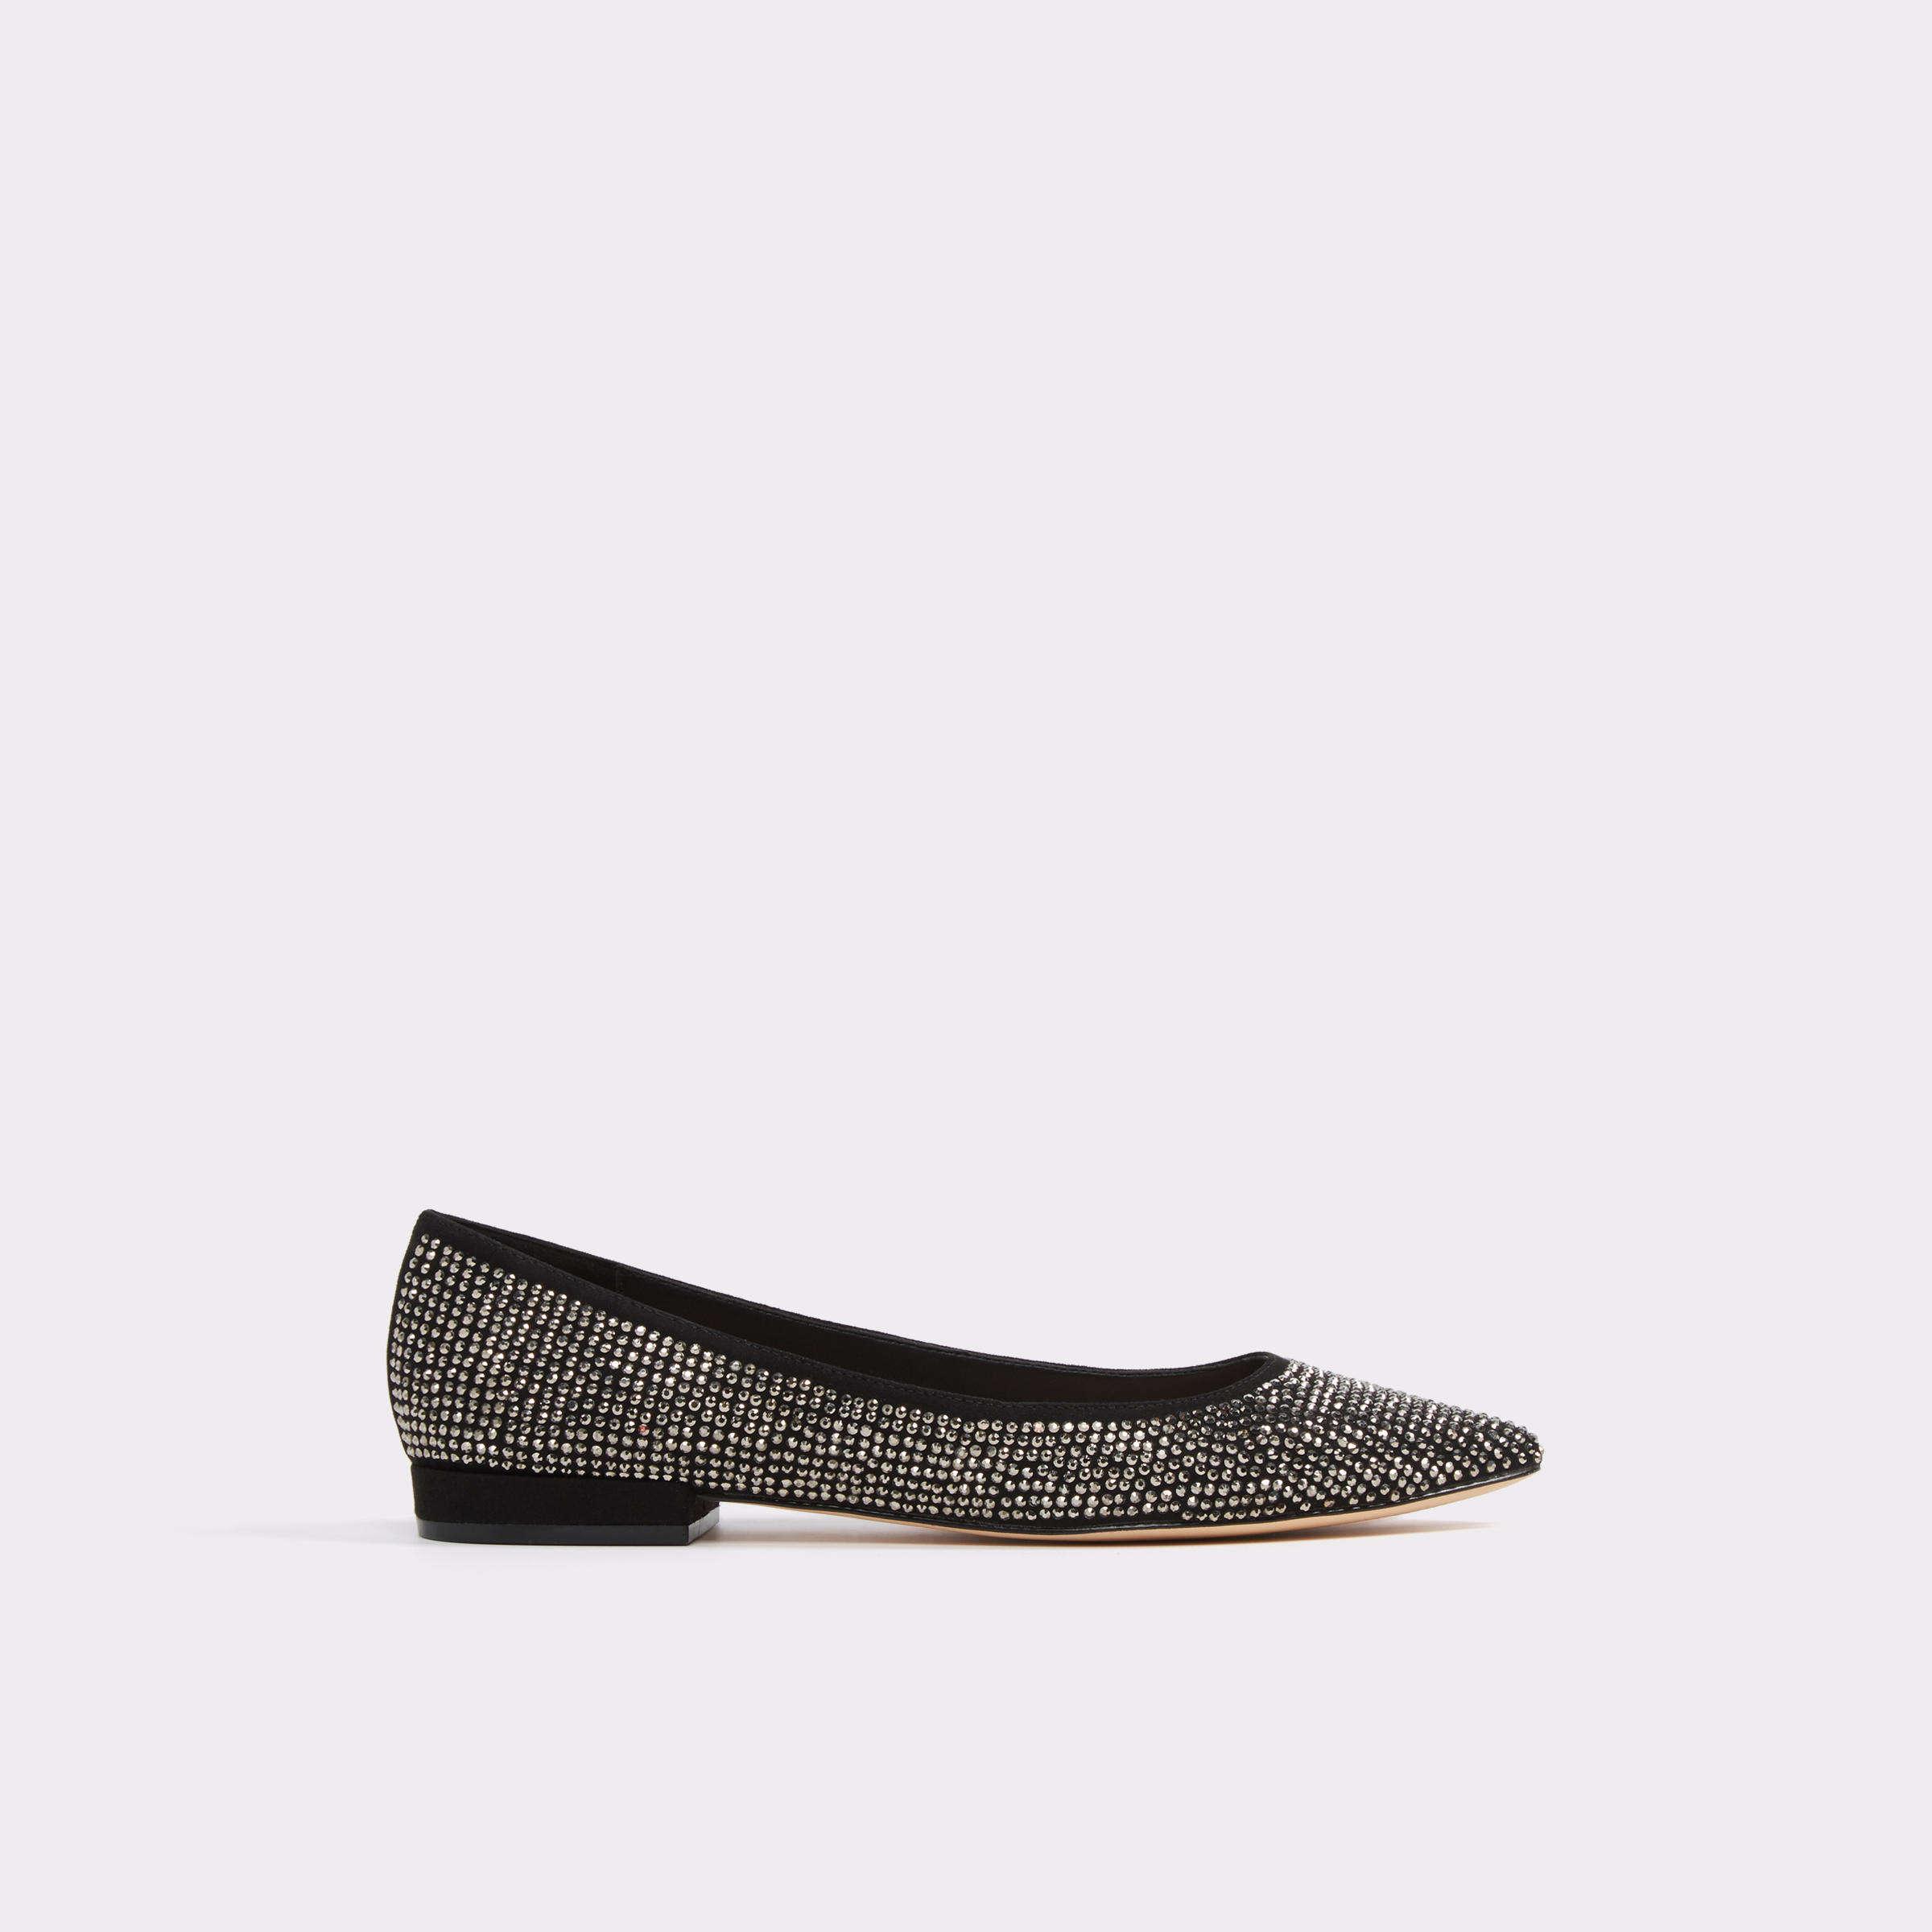 Pantofi argintii, de dama, ALDO - Crani80, din piele naturala